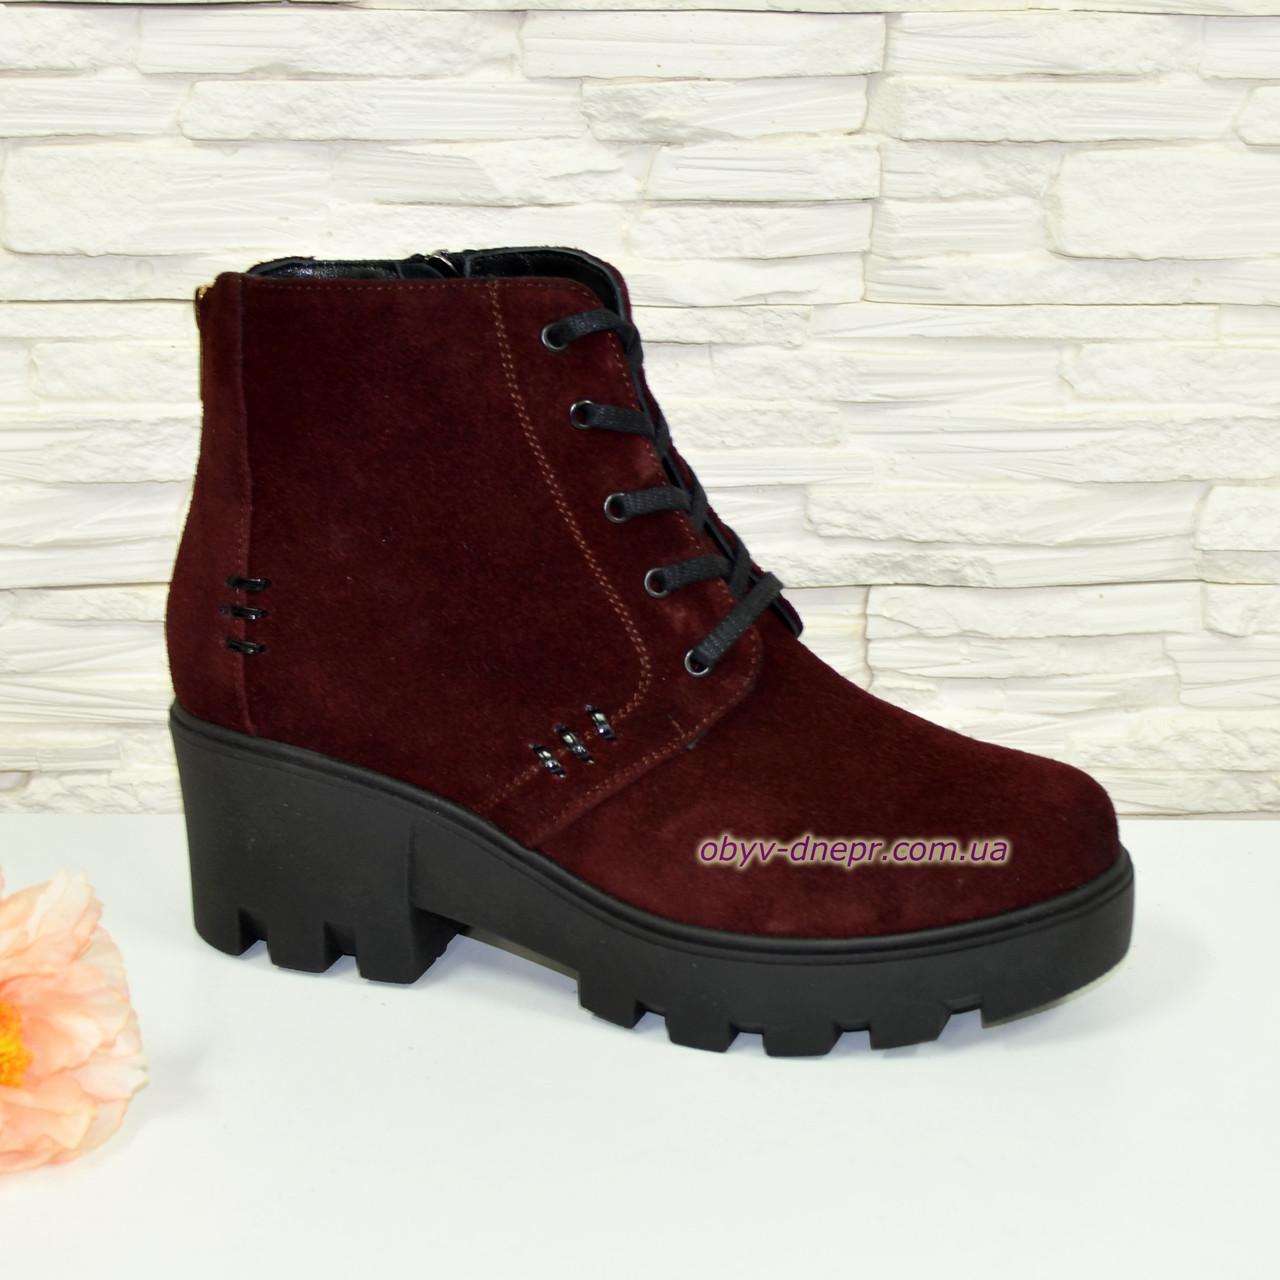 Женские   замшевые ботинки на шнуровке, бордовый цвет.